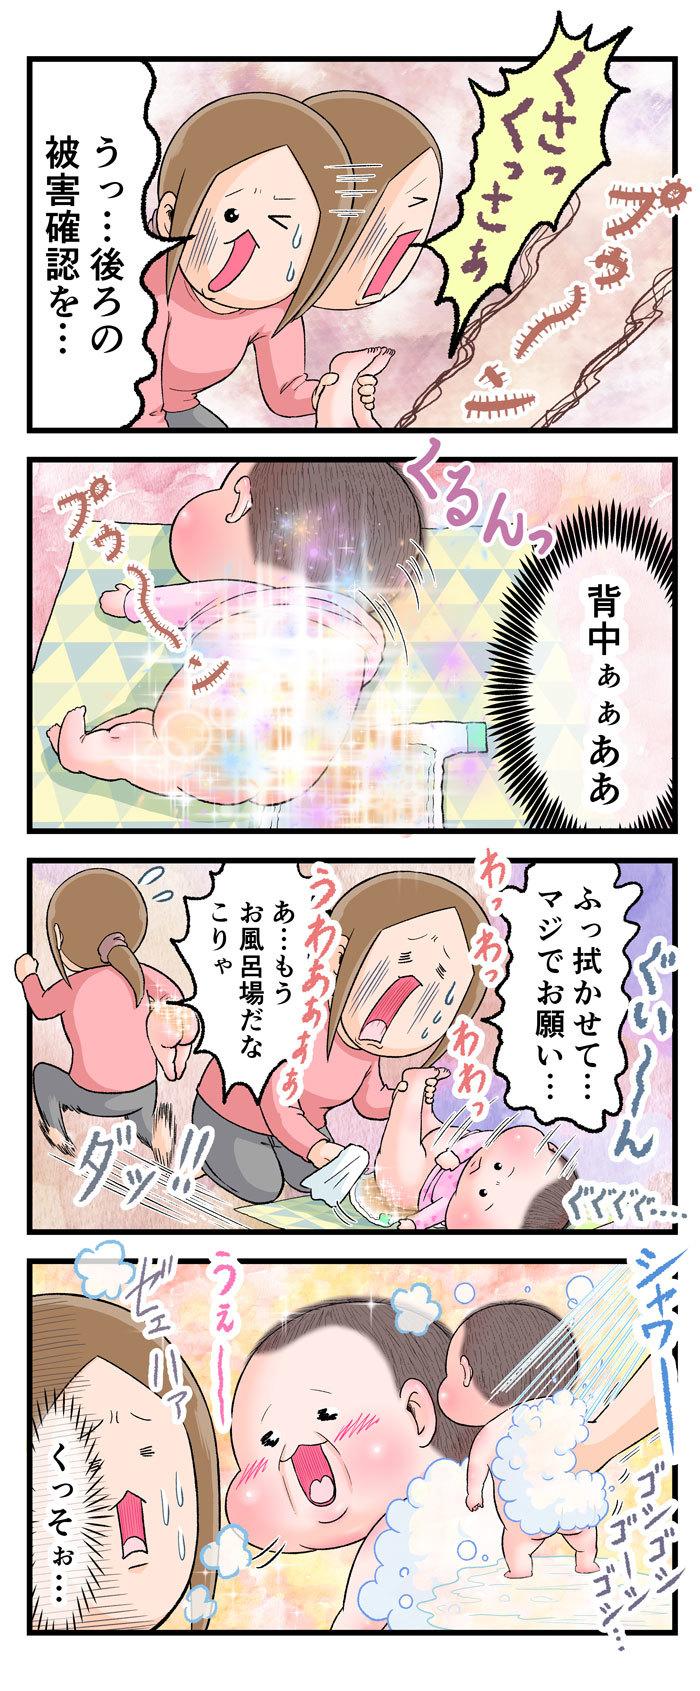 オムツ替えってスポーツだよね…?歴史に残る死闘☆5選!!の画像10